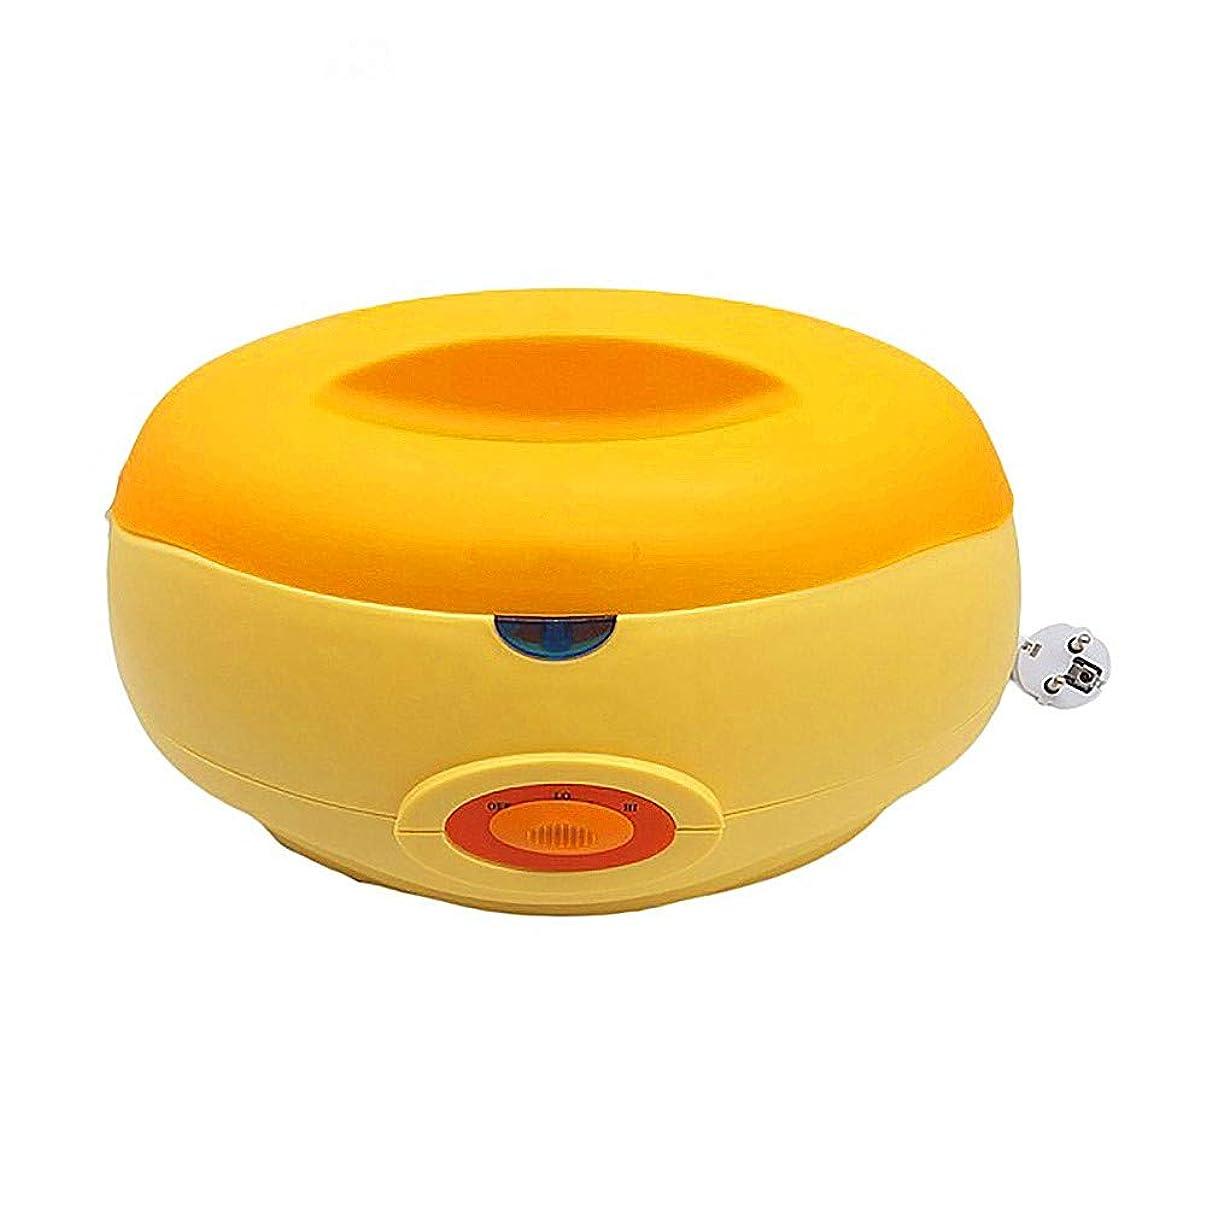 ありそうお風呂ロールフットタブ、パラフィンワックスヒーターマシンの熱パラフィン浴顔のケア、ハンドケア、フットケアの熱療法